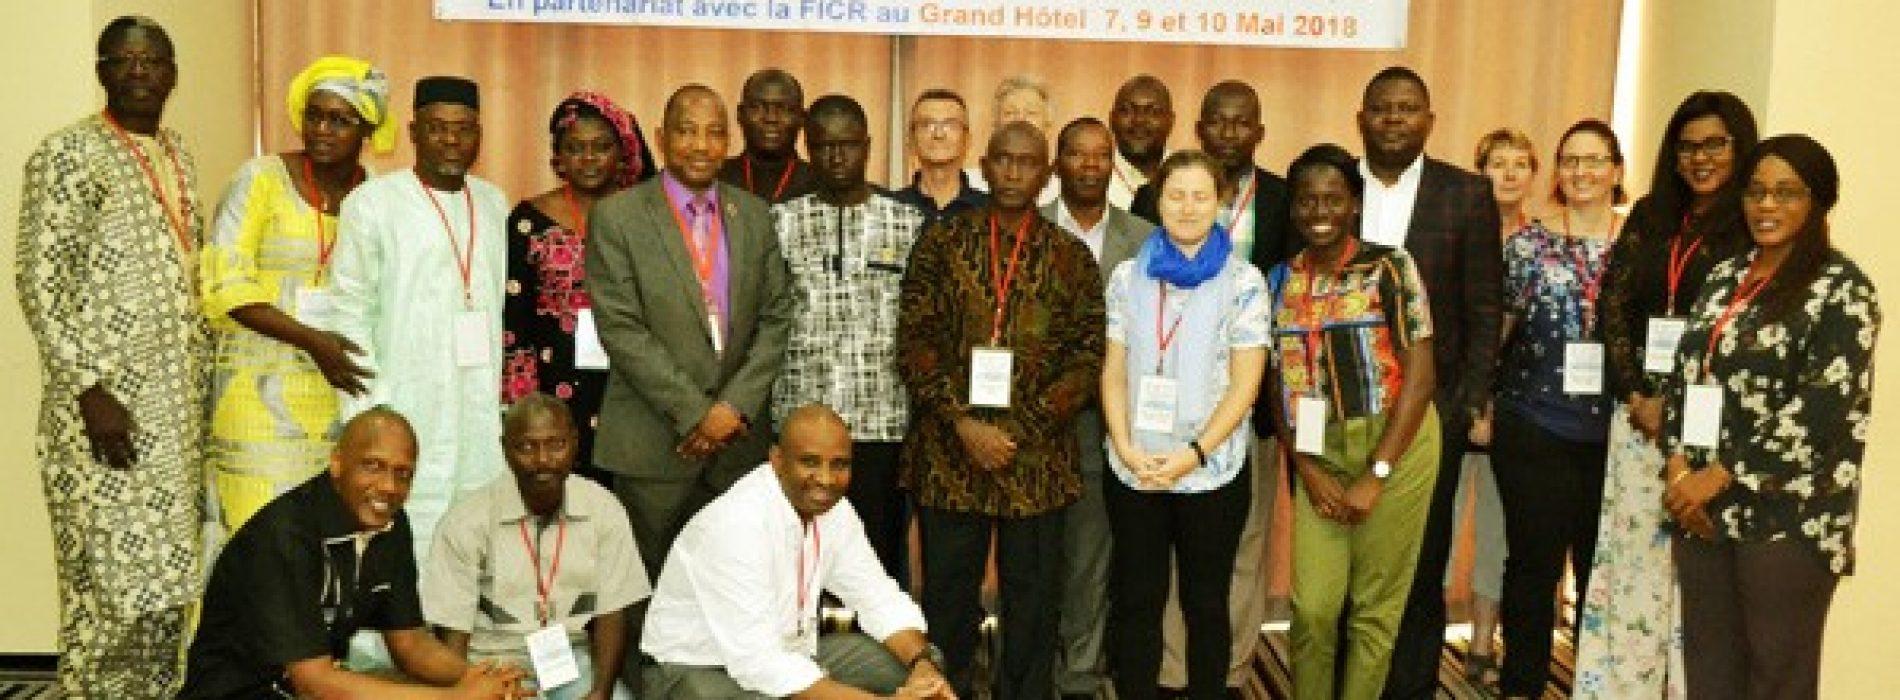 Atelier préparatoire  du Programme de Préparation Communautaire  aux Epidémies et Pandémies (CP3) au Mali